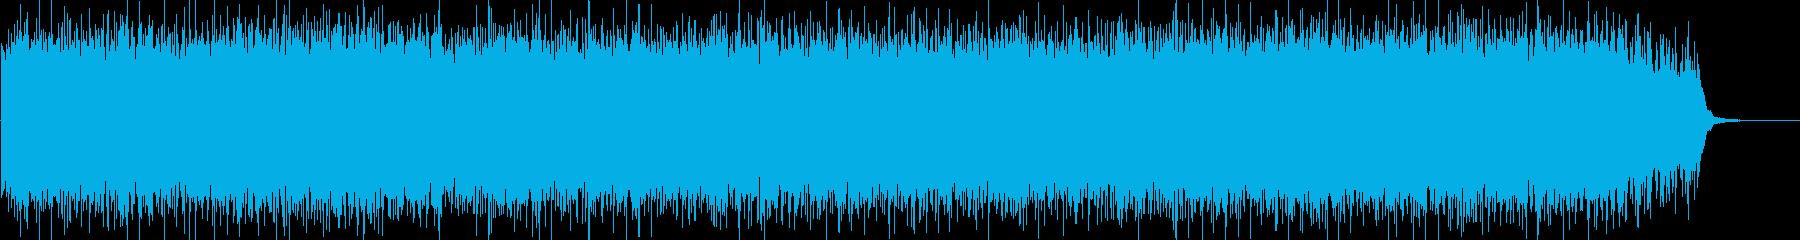 壮大で恐ろしい雰囲気のストリングスの曲の再生済みの波形